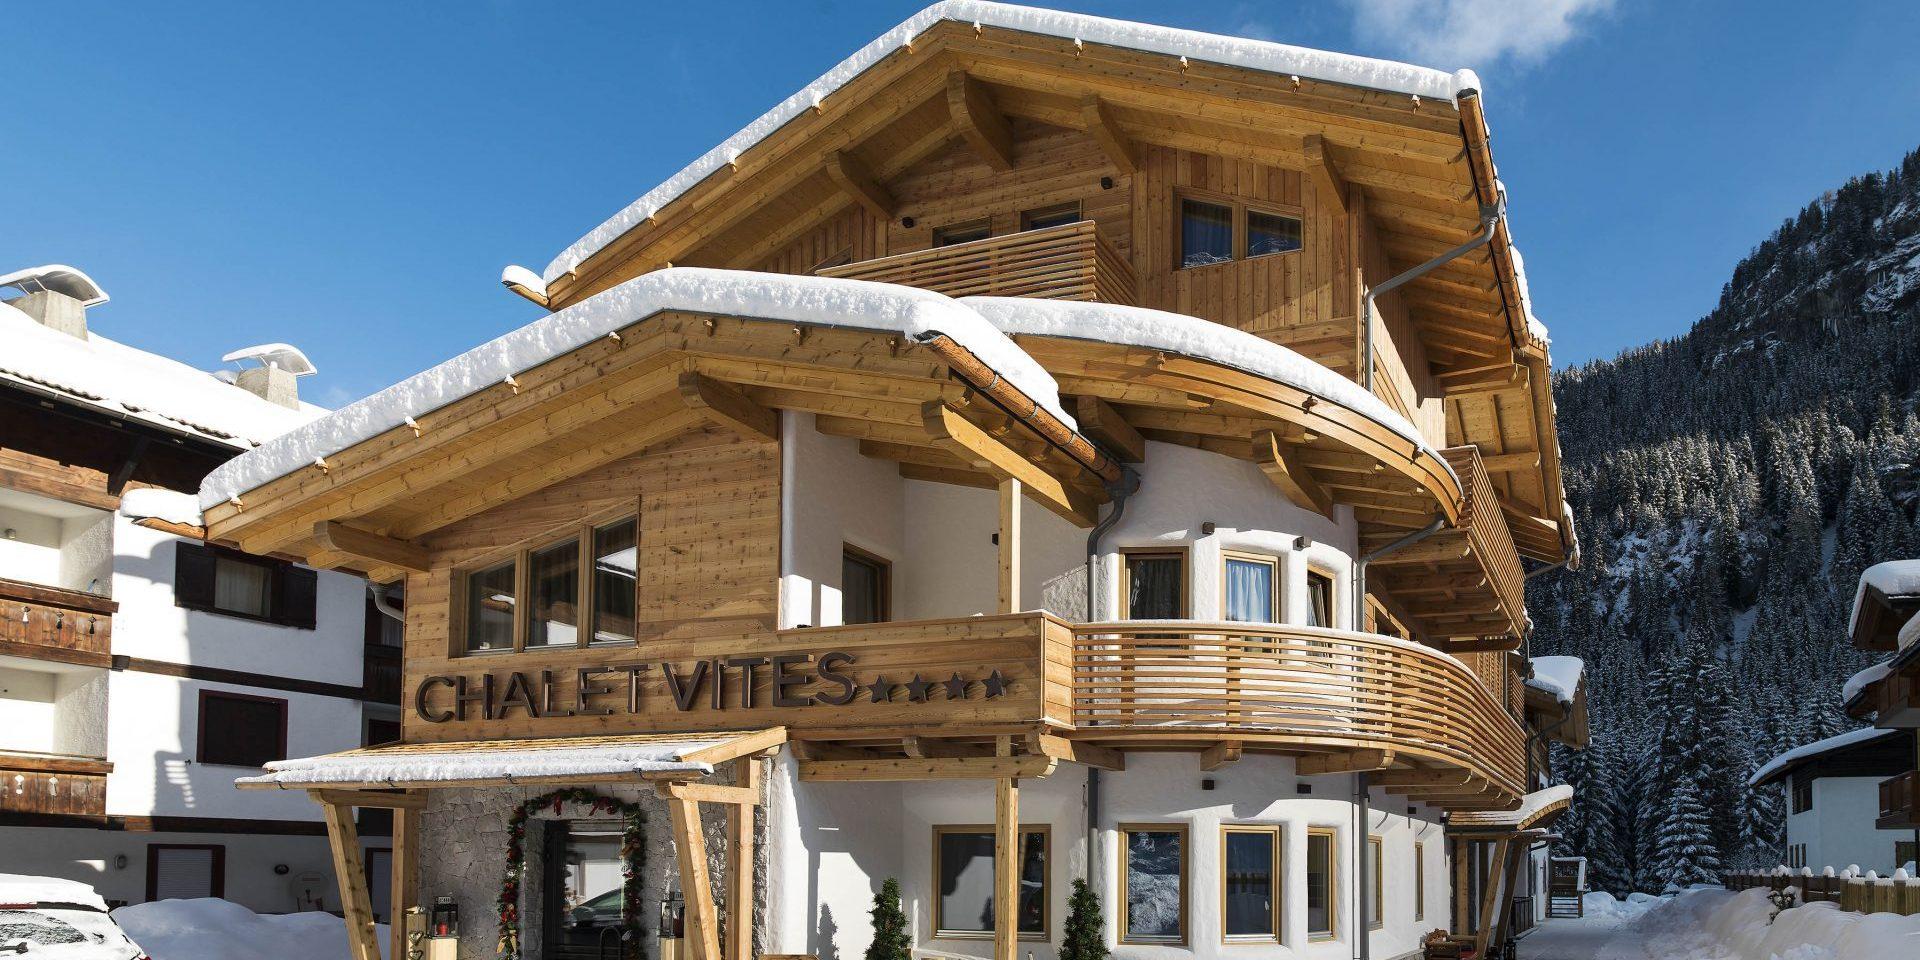 Chalet Vites Boutique Hotel & Spa